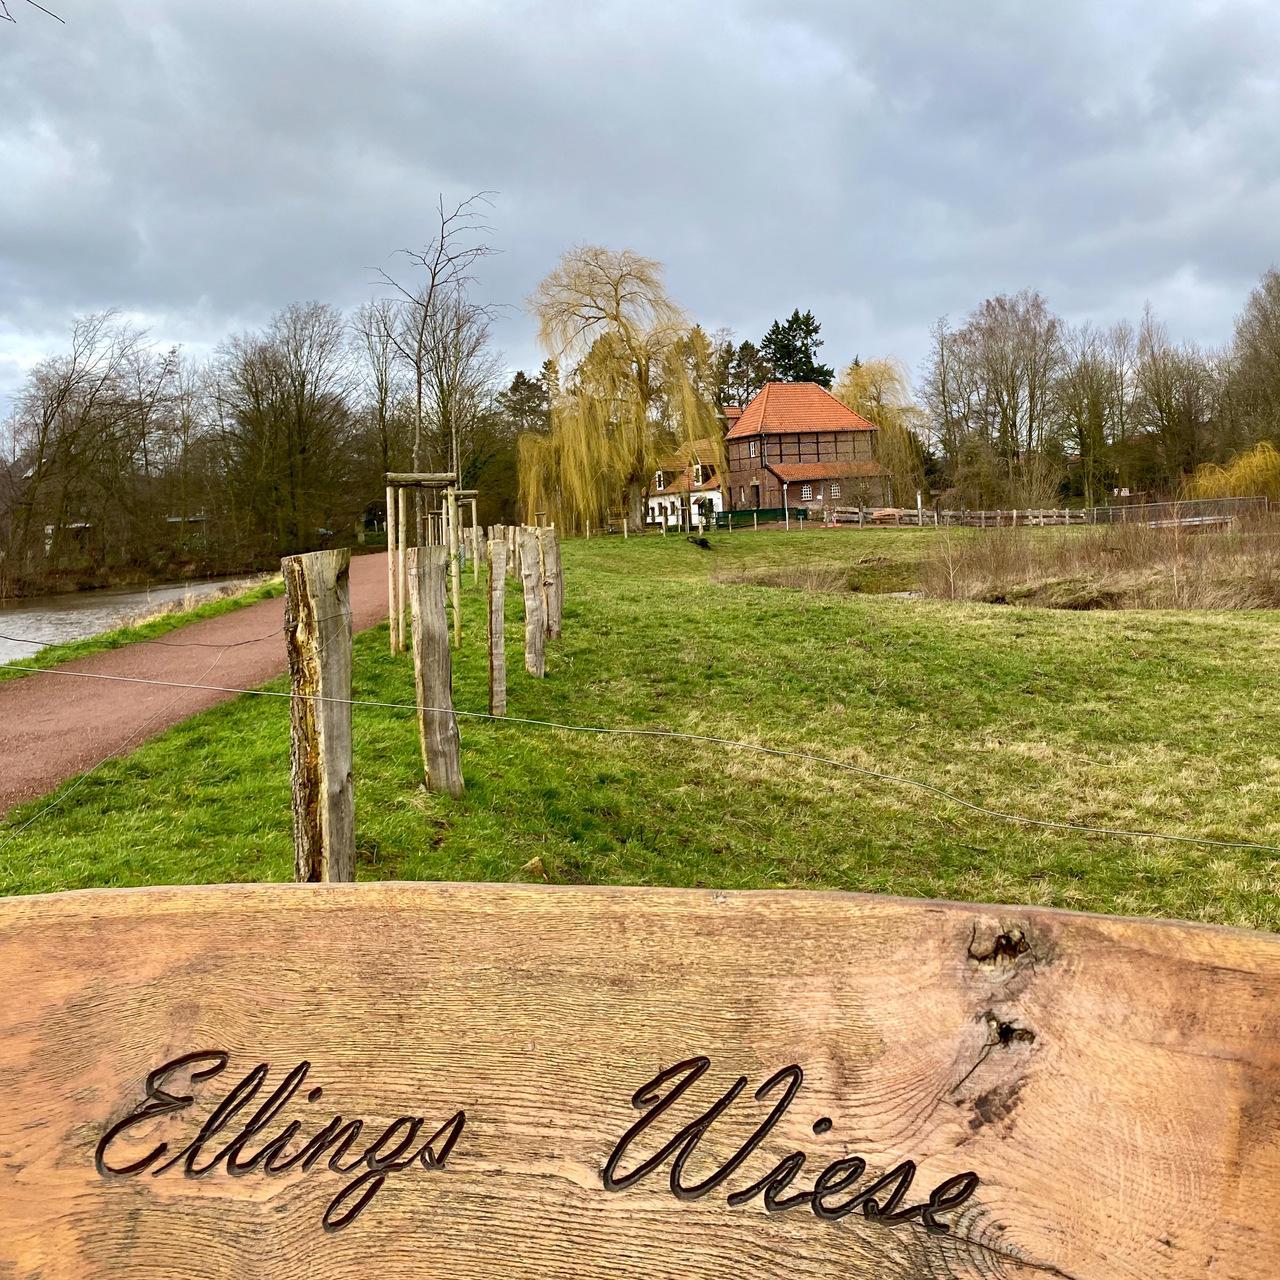 Elling's Wiese